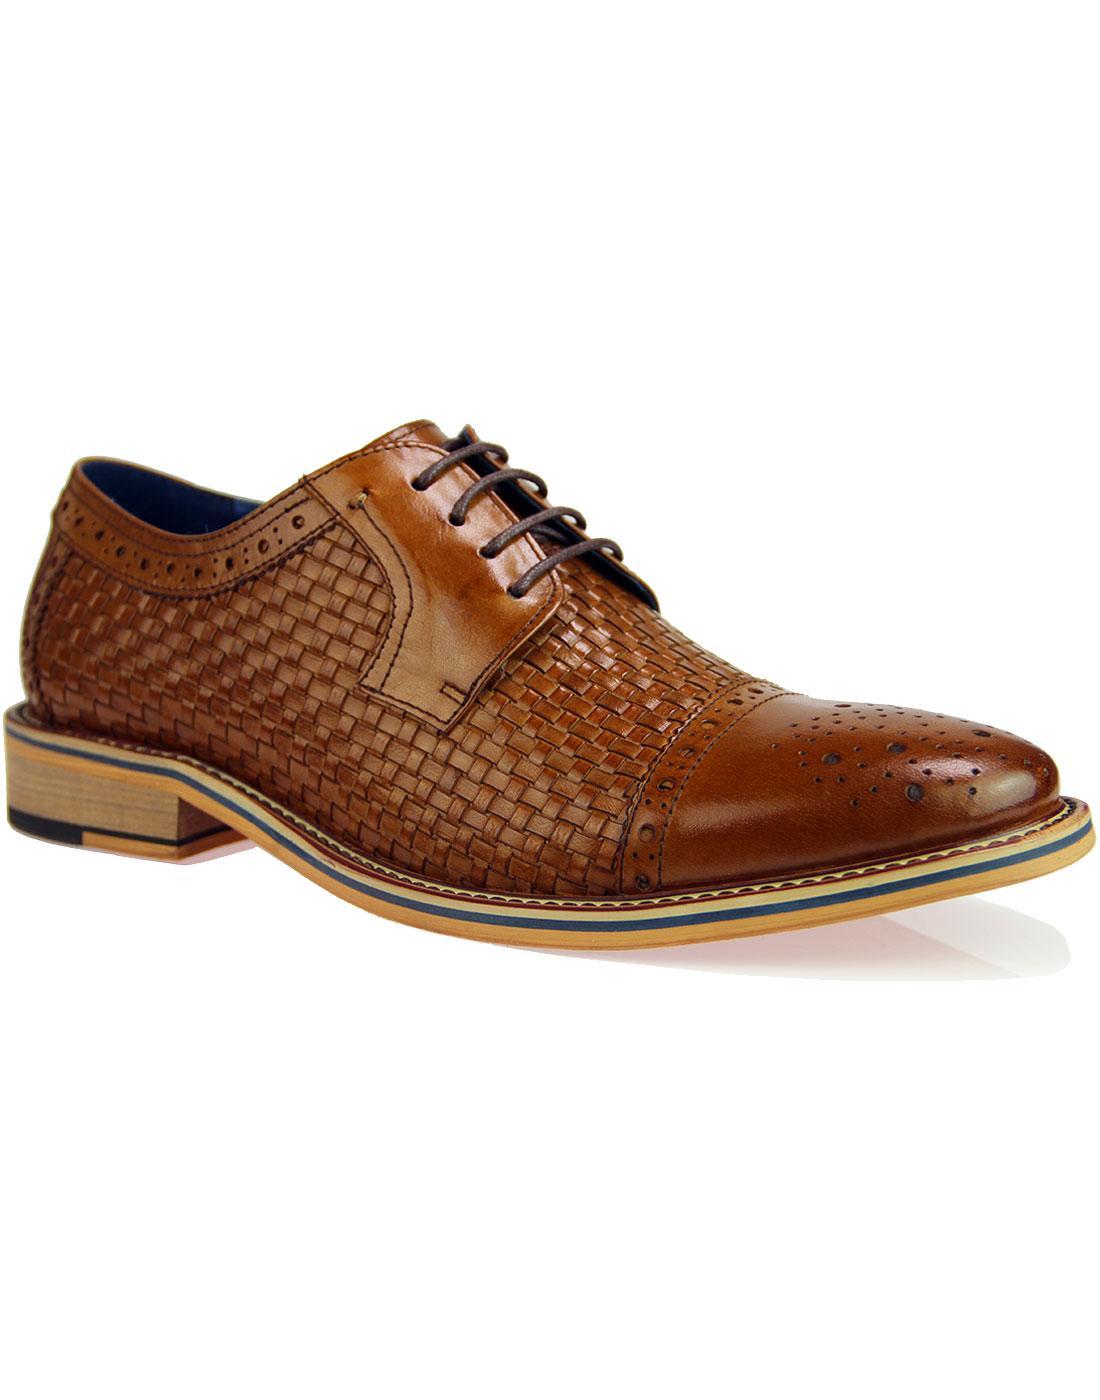 Gabriel SERGIO DULETTI Retro Weave Brogue Shoes